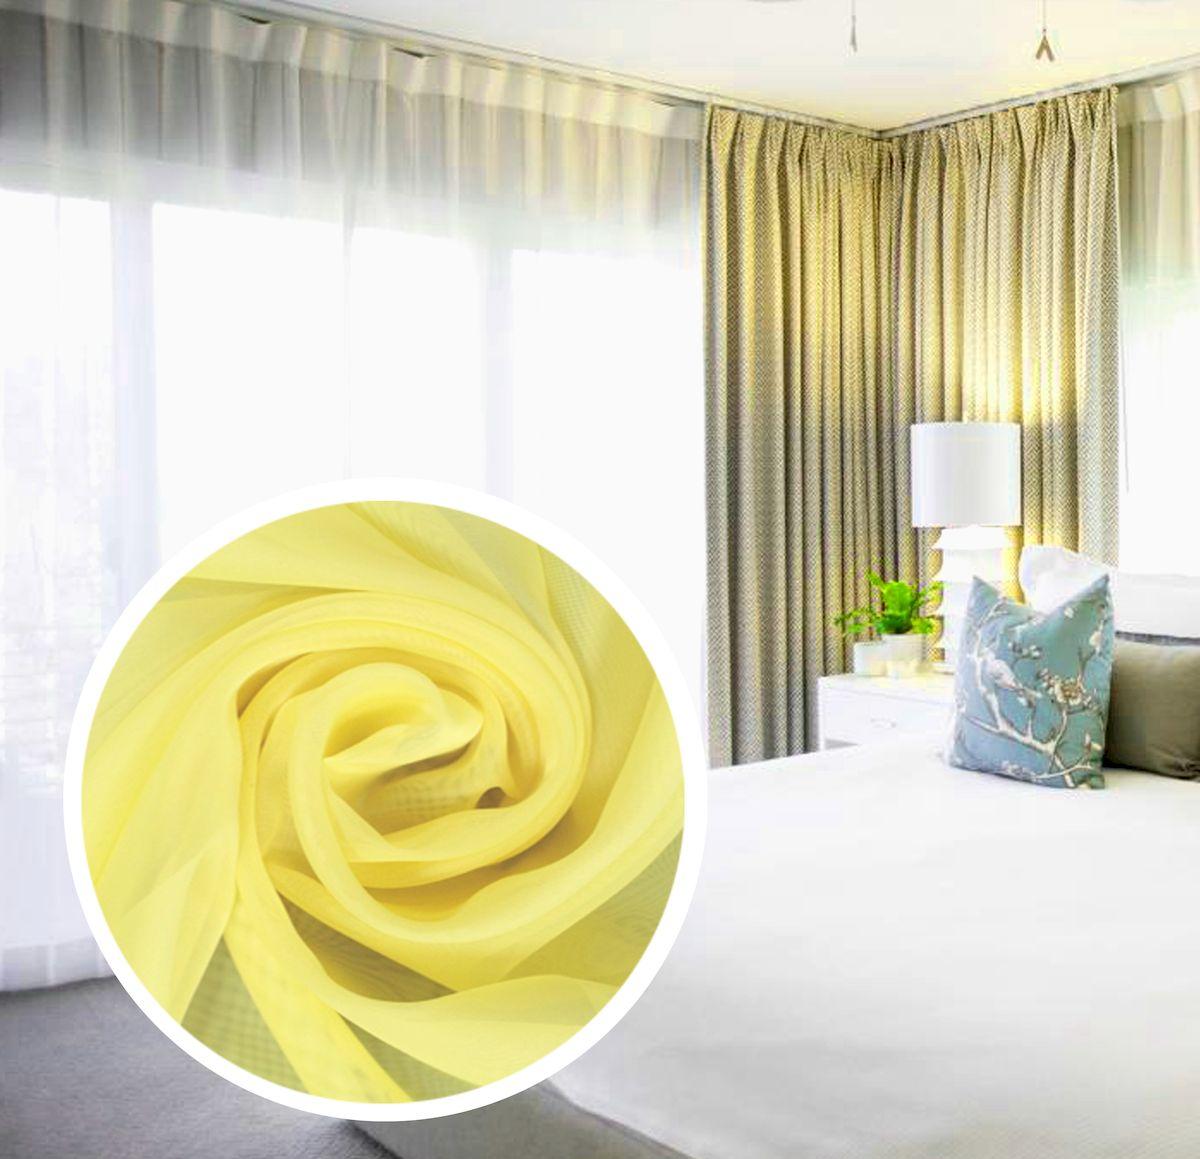 Тюль Amore Mio Однотонная, на ленте, цвет: желтый, высота 270 см75384Тюль Amore Mio нежного цвета в классическом однотонном исполнении изготовлен из 100% полиэстера. Воздушная ткань привлечет к себе внимание и идеально оформит интерьер любого помещения. Полиэстер - вид ткани, состоящий из полиэфирных волокон. Ткани из полиэстера легкие, прочные и износостойкие. Такие изделия не требуют специального ухода, не пылятся и почти не мнутся. Крепление к карнизу осуществляется при помощи вшитой шторной ленты.